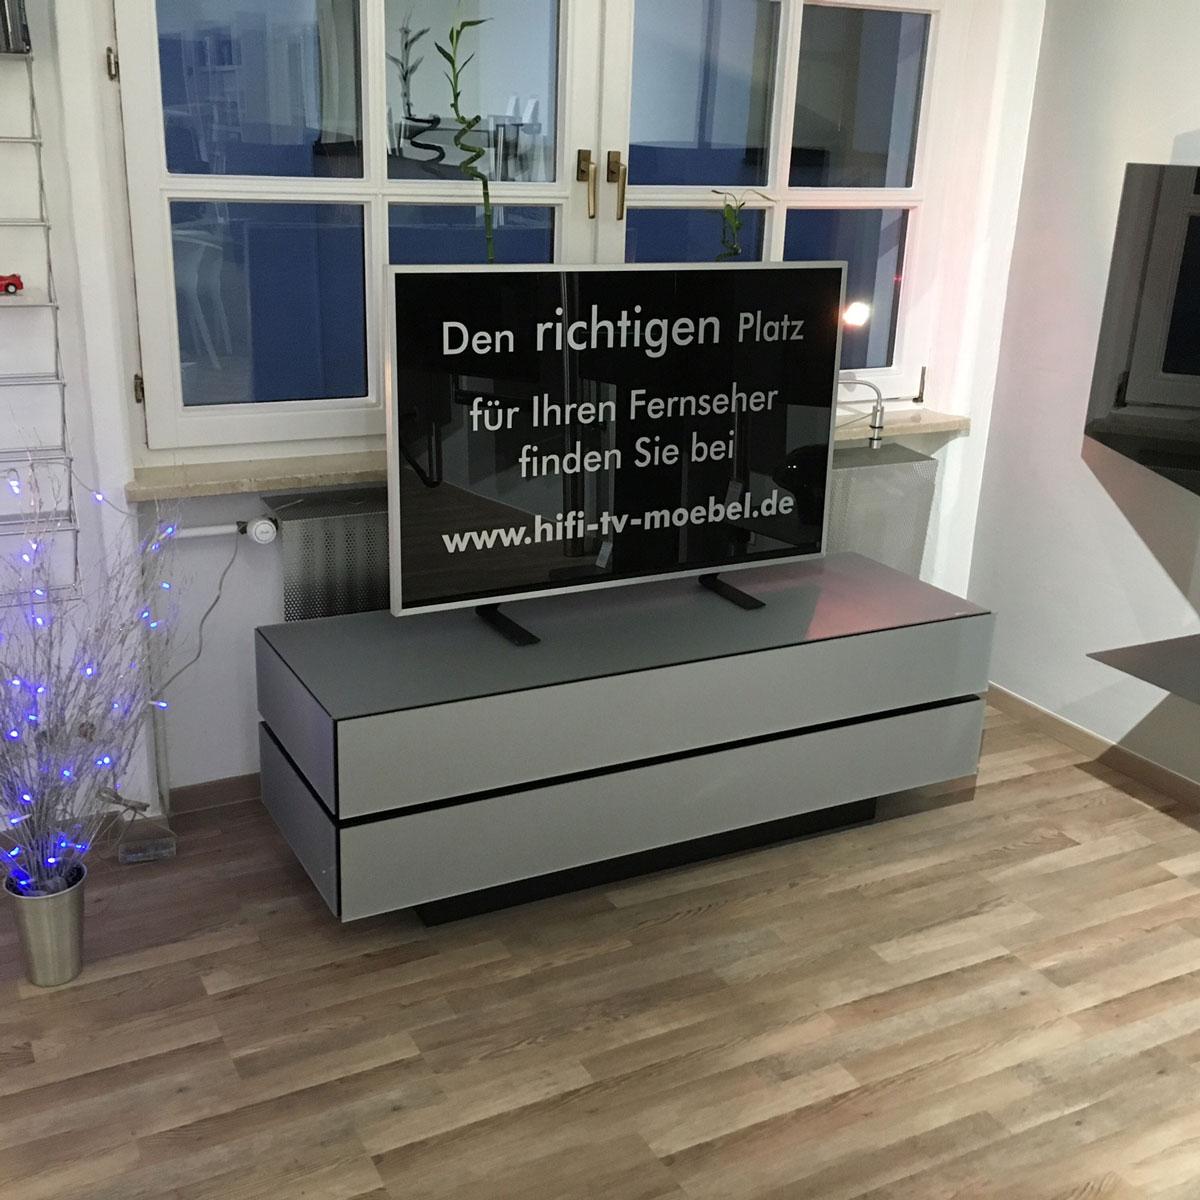 tv mobel und hifi mobel guide wissenswertes rund um tv